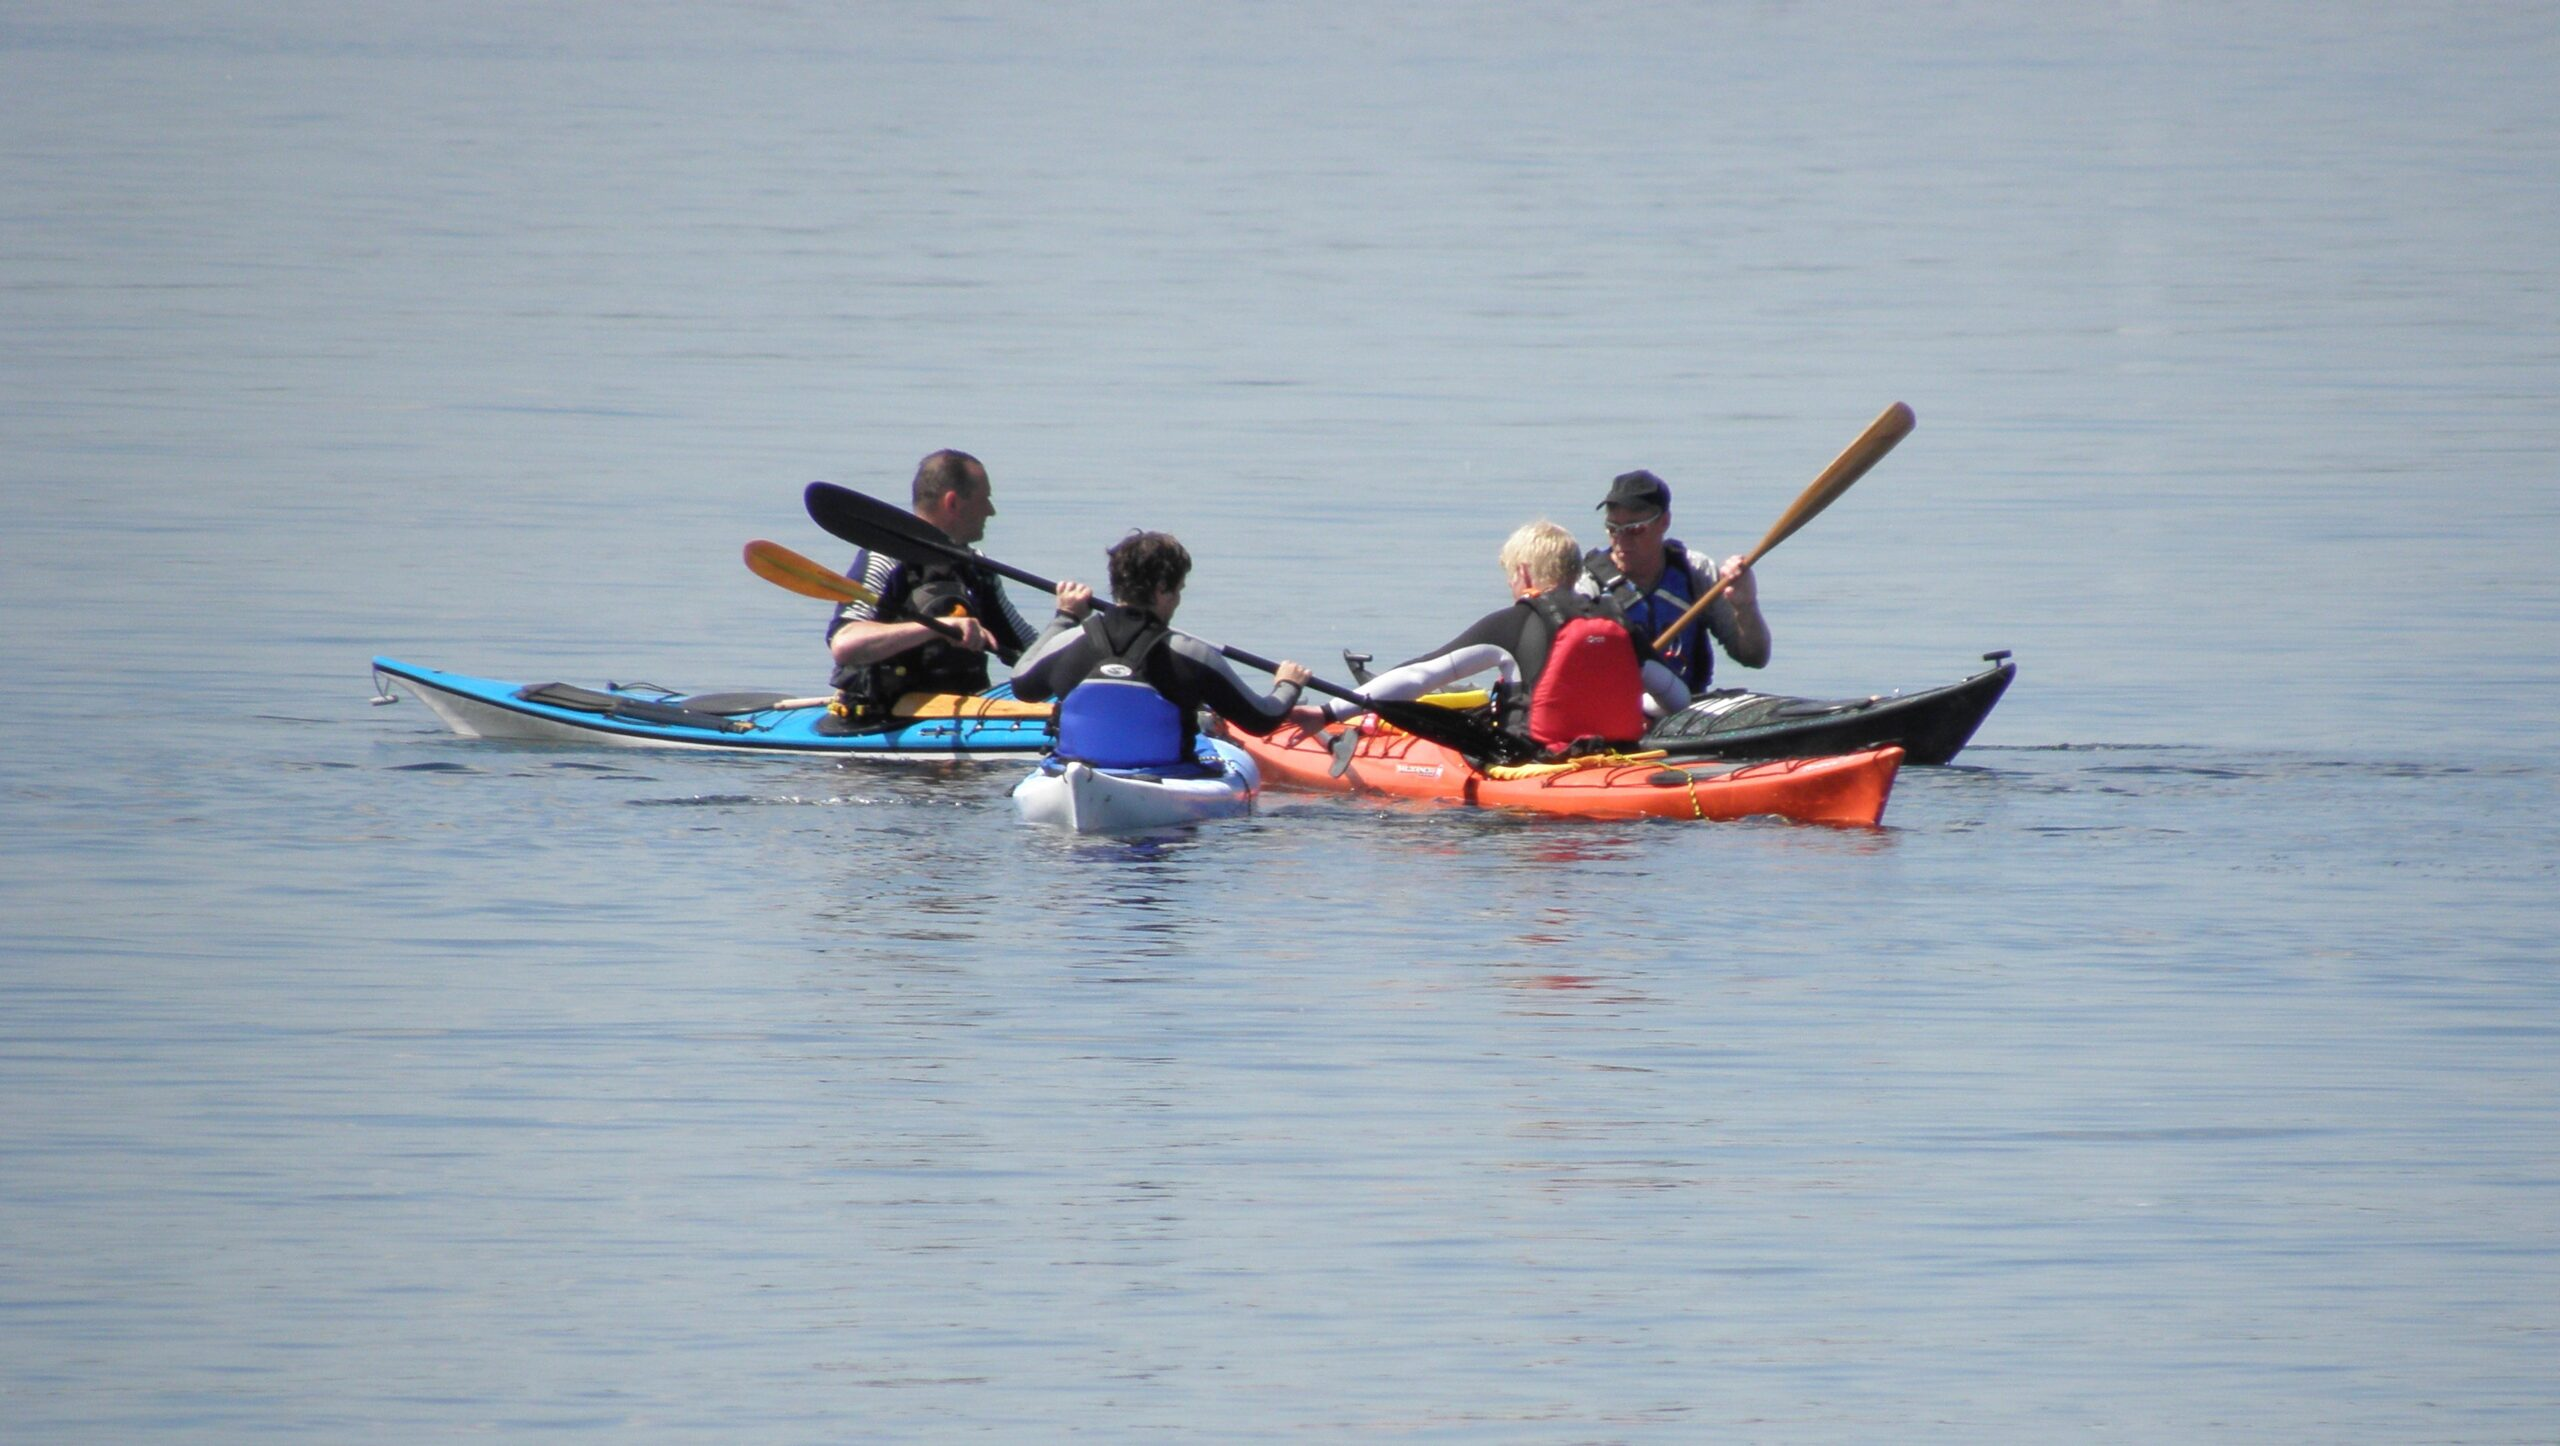 2010 - Vi leger på vandet